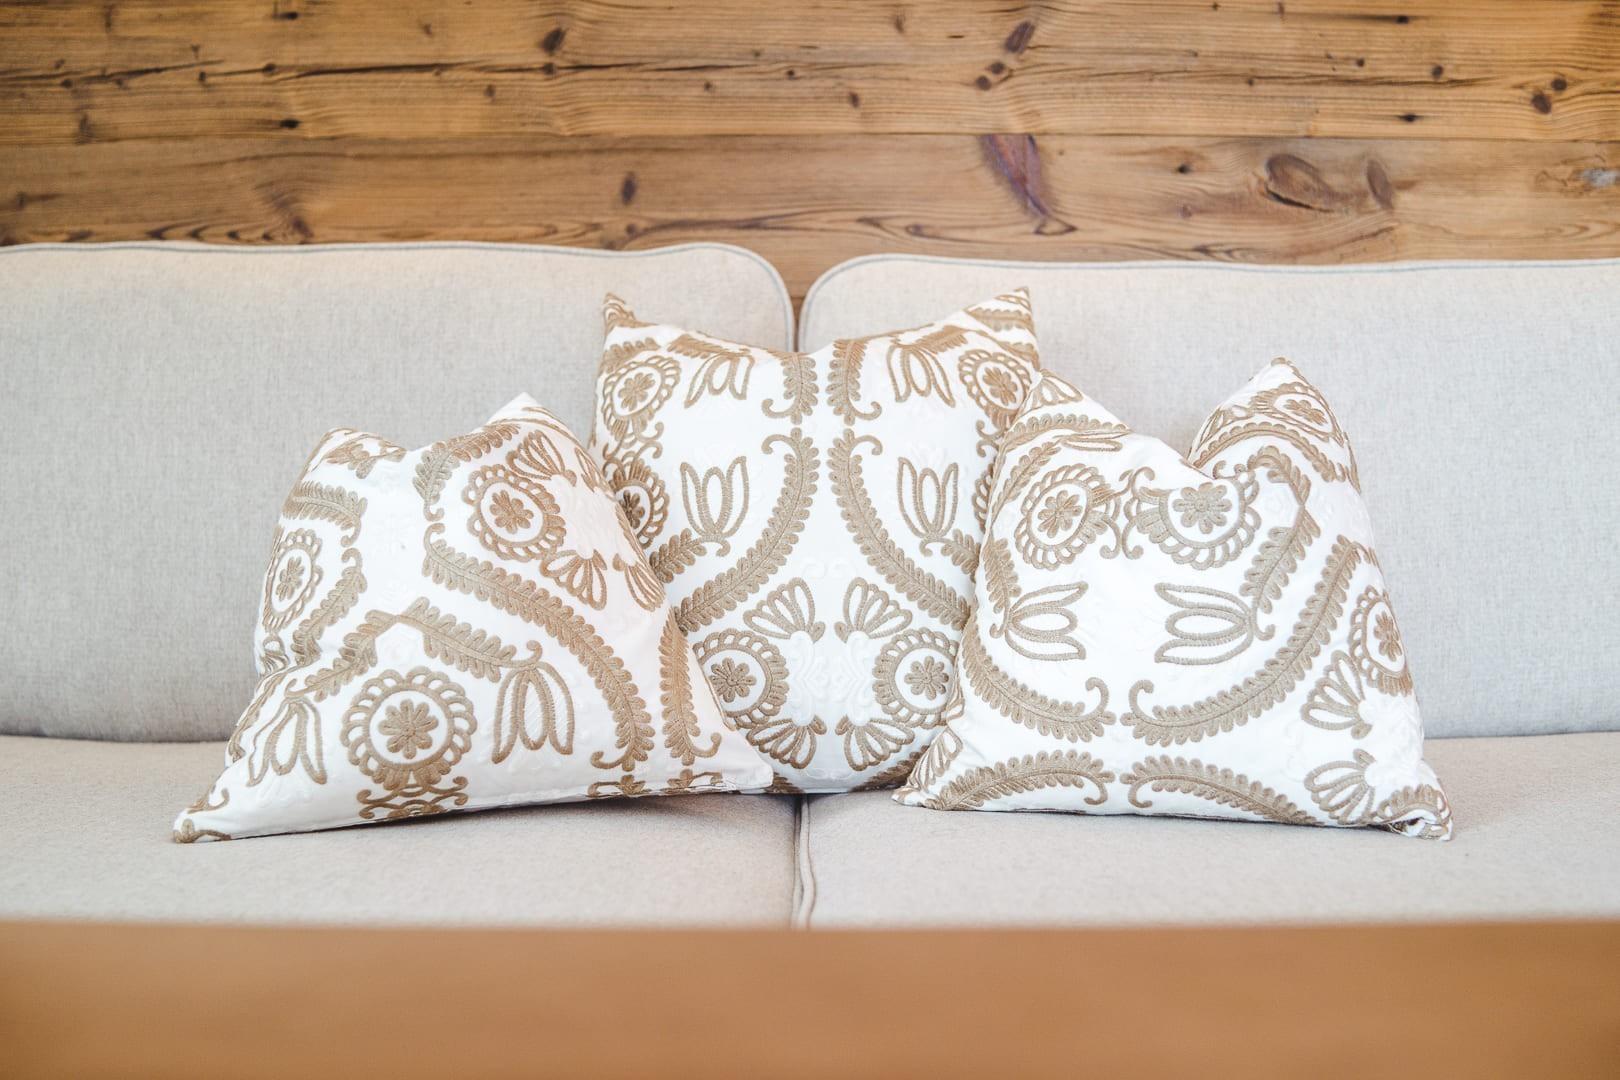 Drei schöne Pölster auf einer beigen Couch.